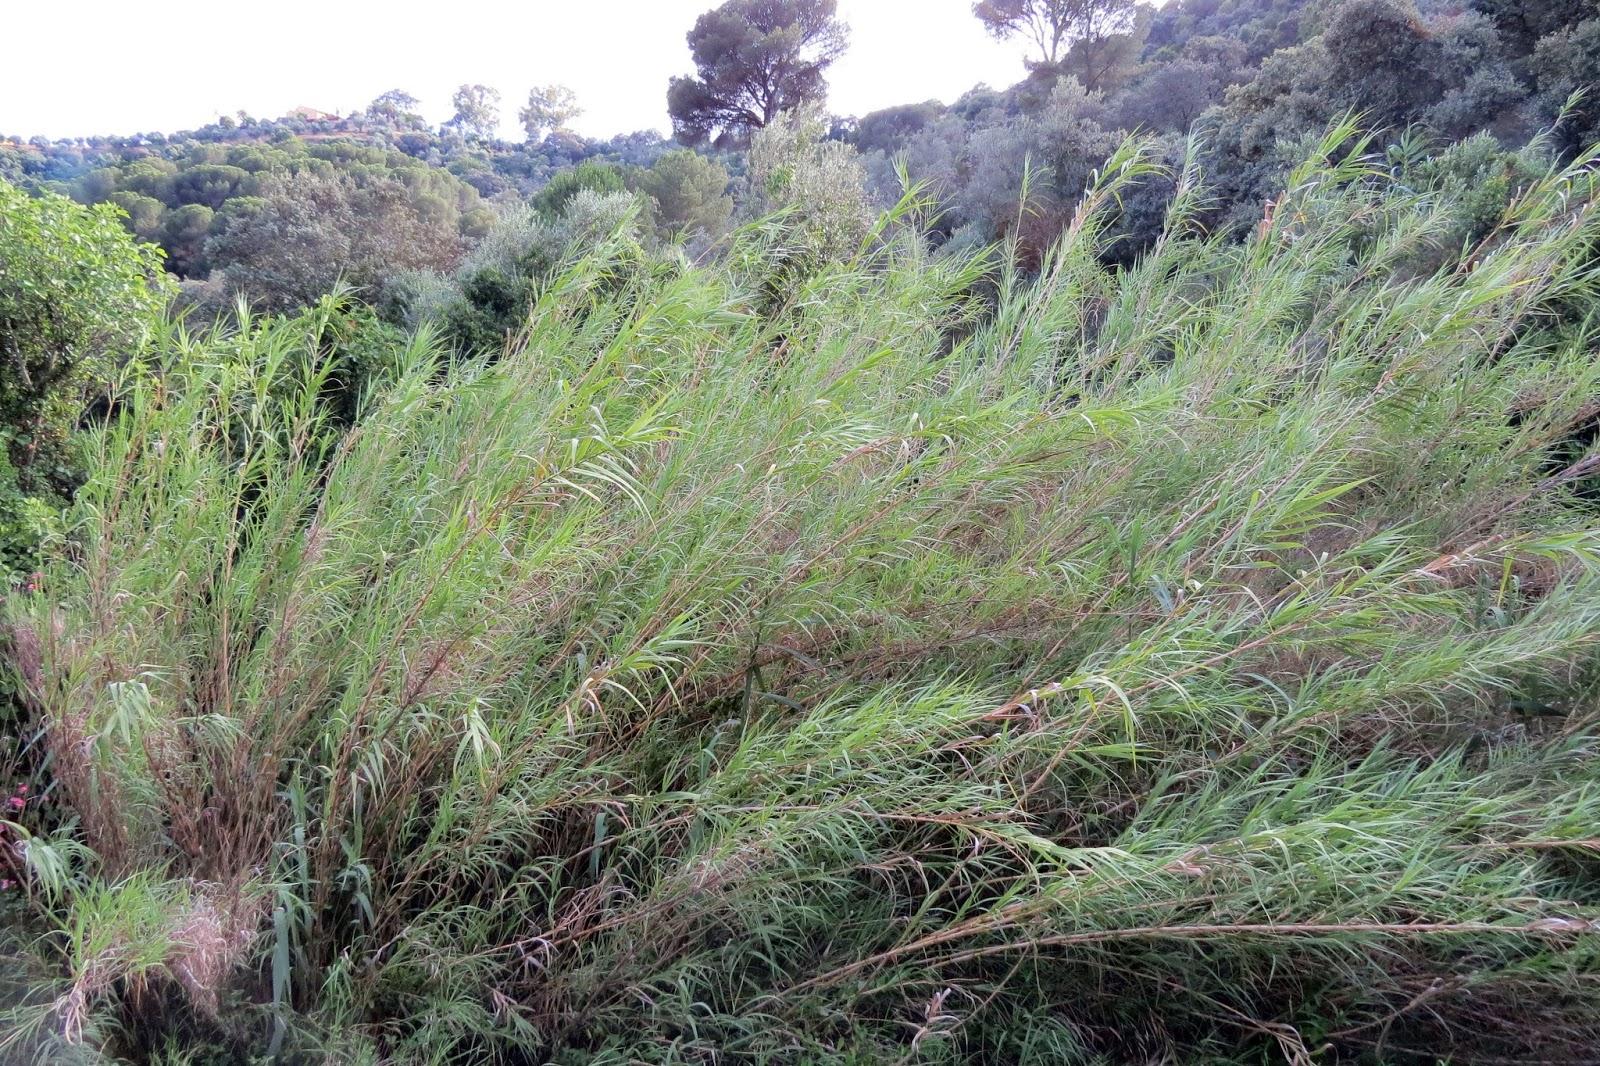 Notas cordobesas por el camino n mero 51 de las ordenanzas tramo del arroyo de linares - El olivar de albarizas ...